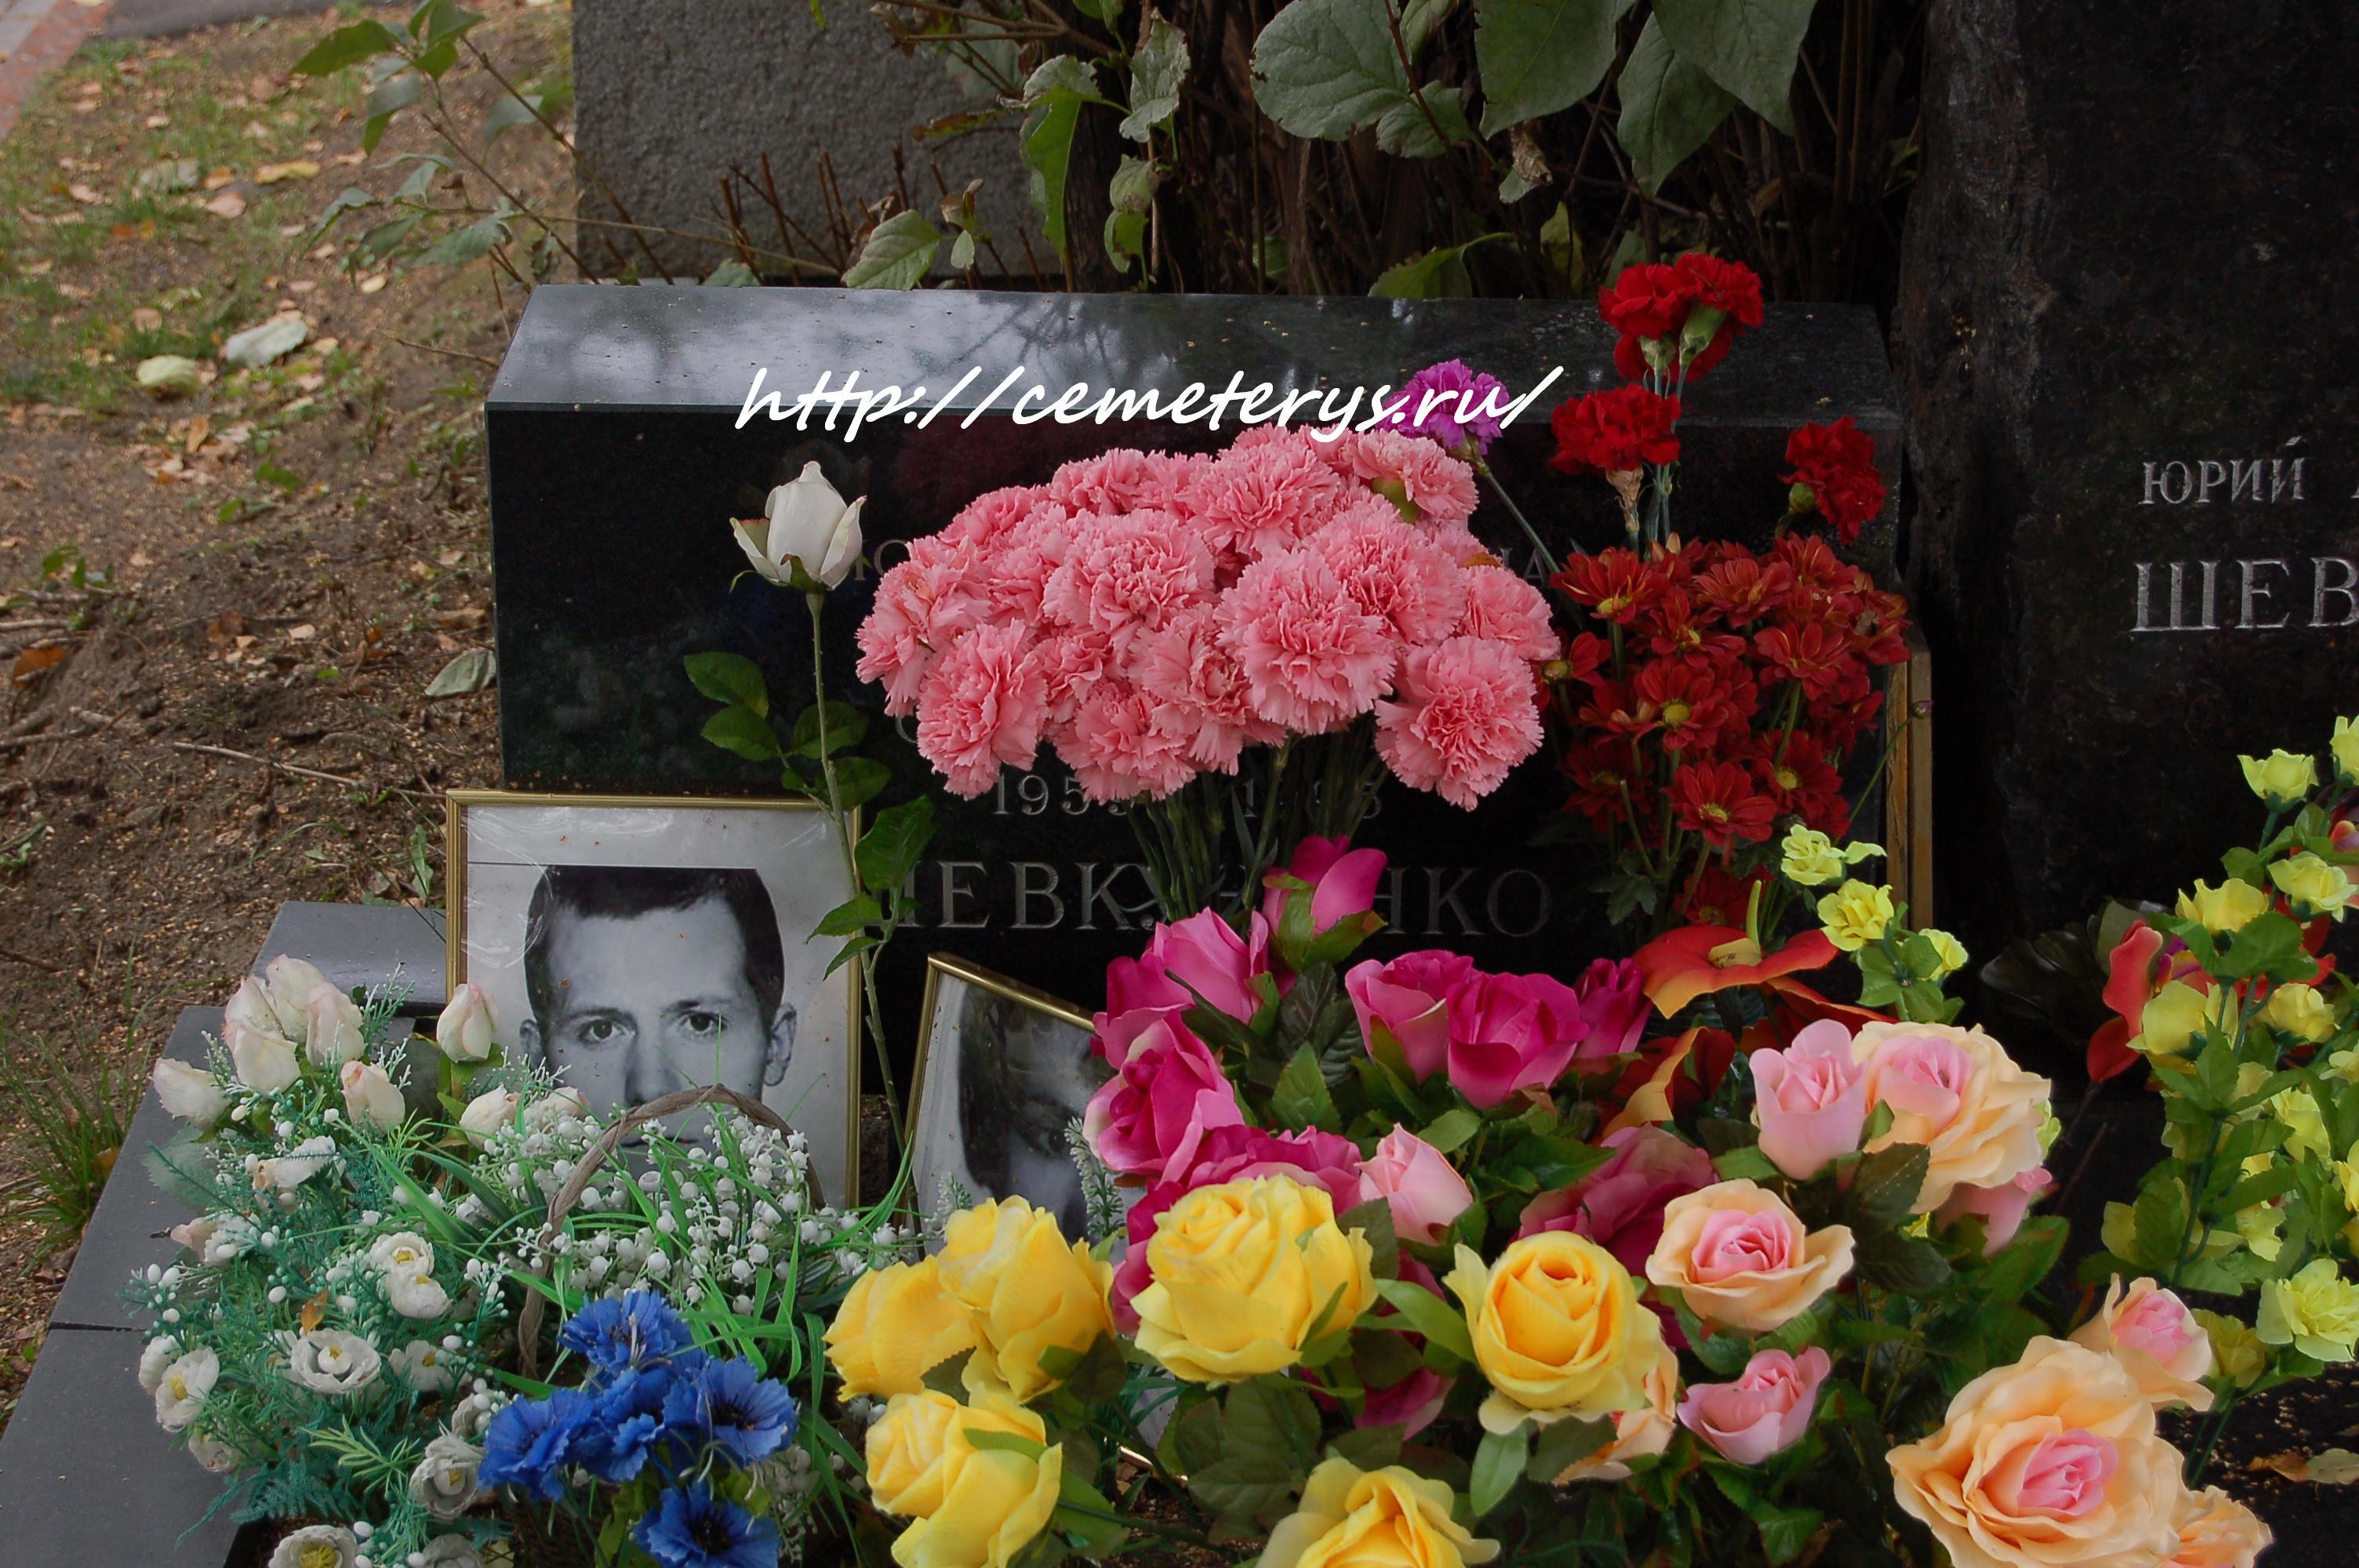 могила Сергея Шевкуненко на Новодевичем кладбище в Москве ( фото Дмитрия Кондратьева)